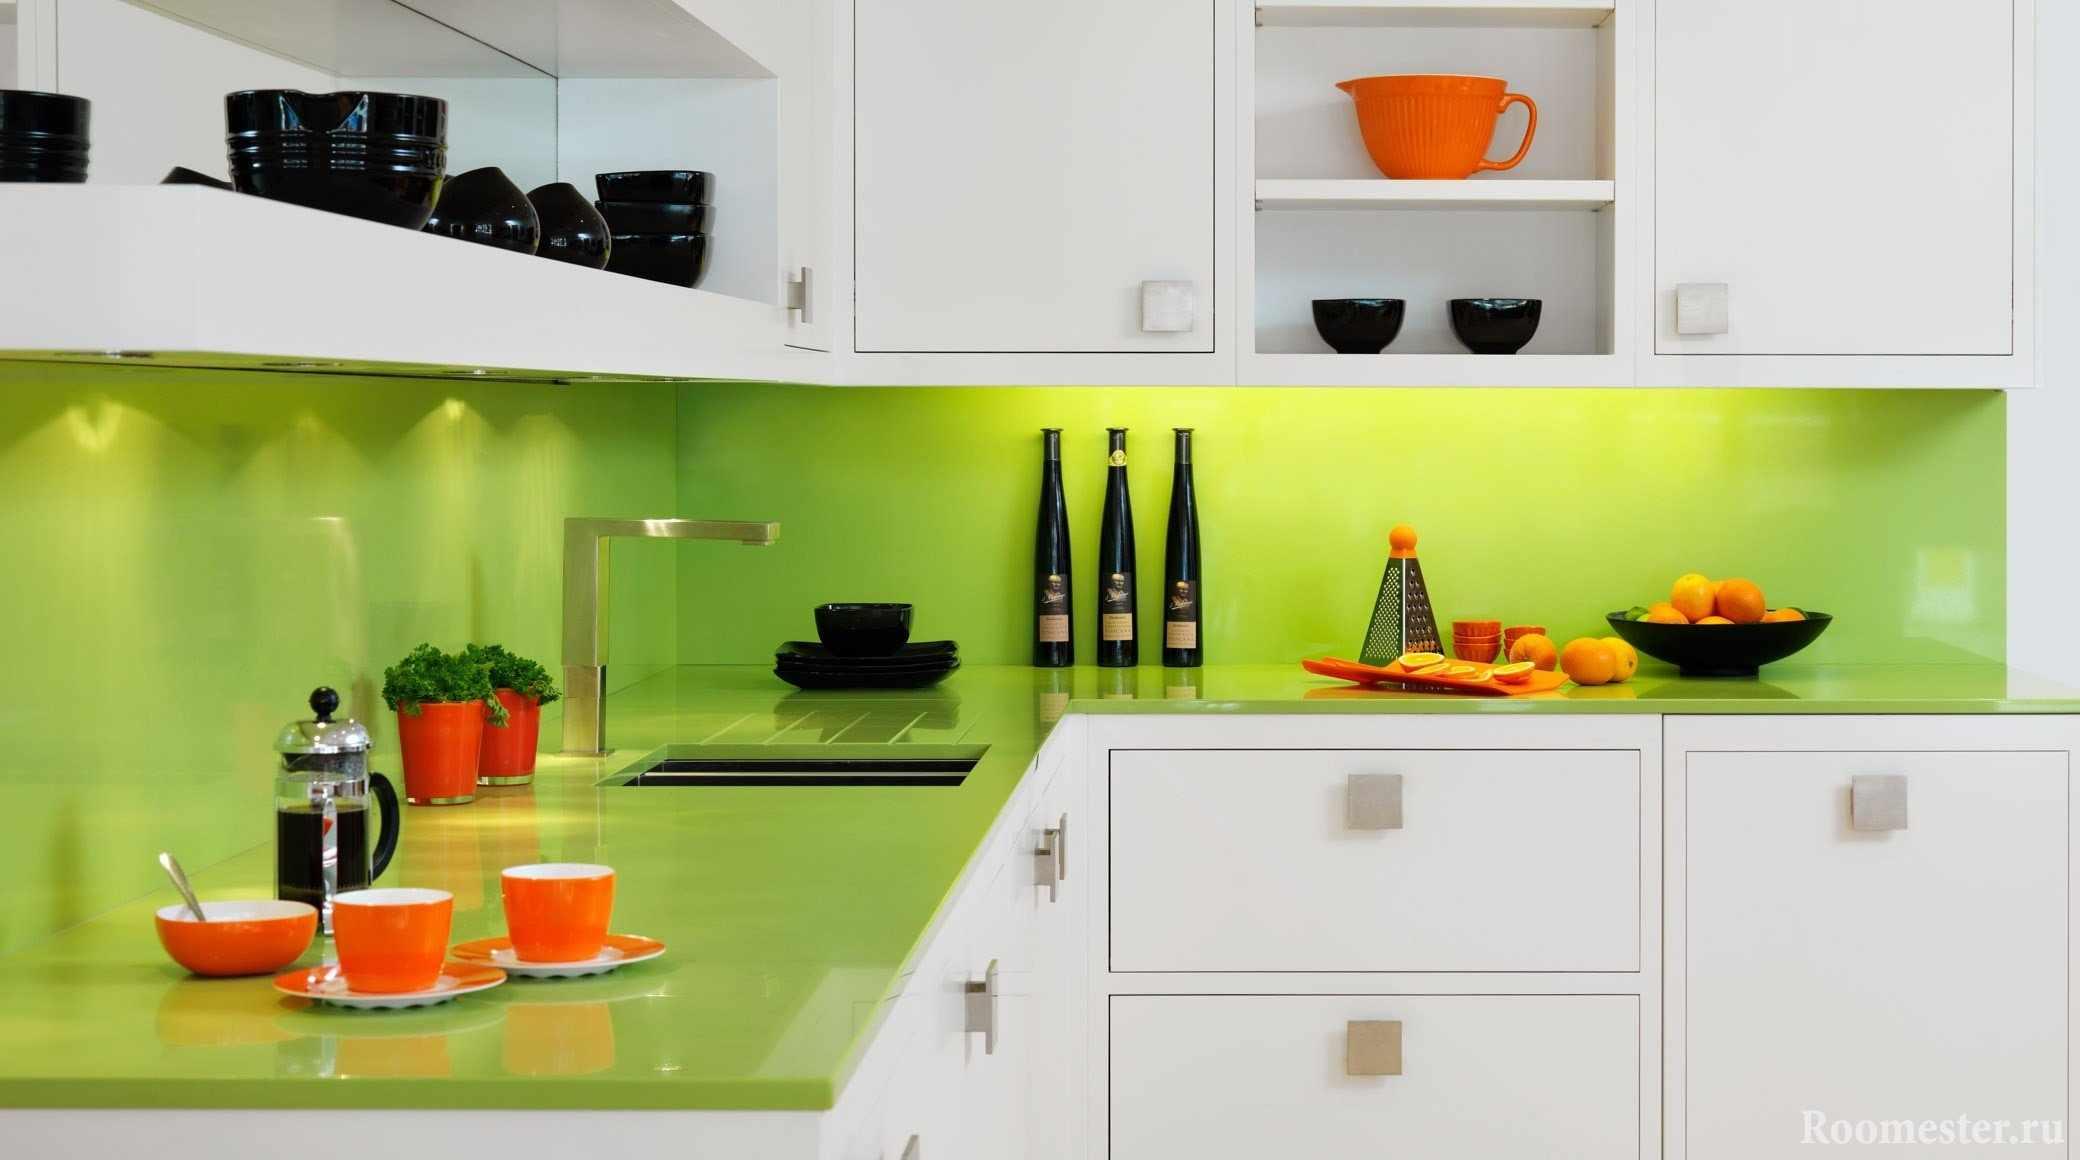 Оранжевая и черная посуда в бело-зеленой кухне